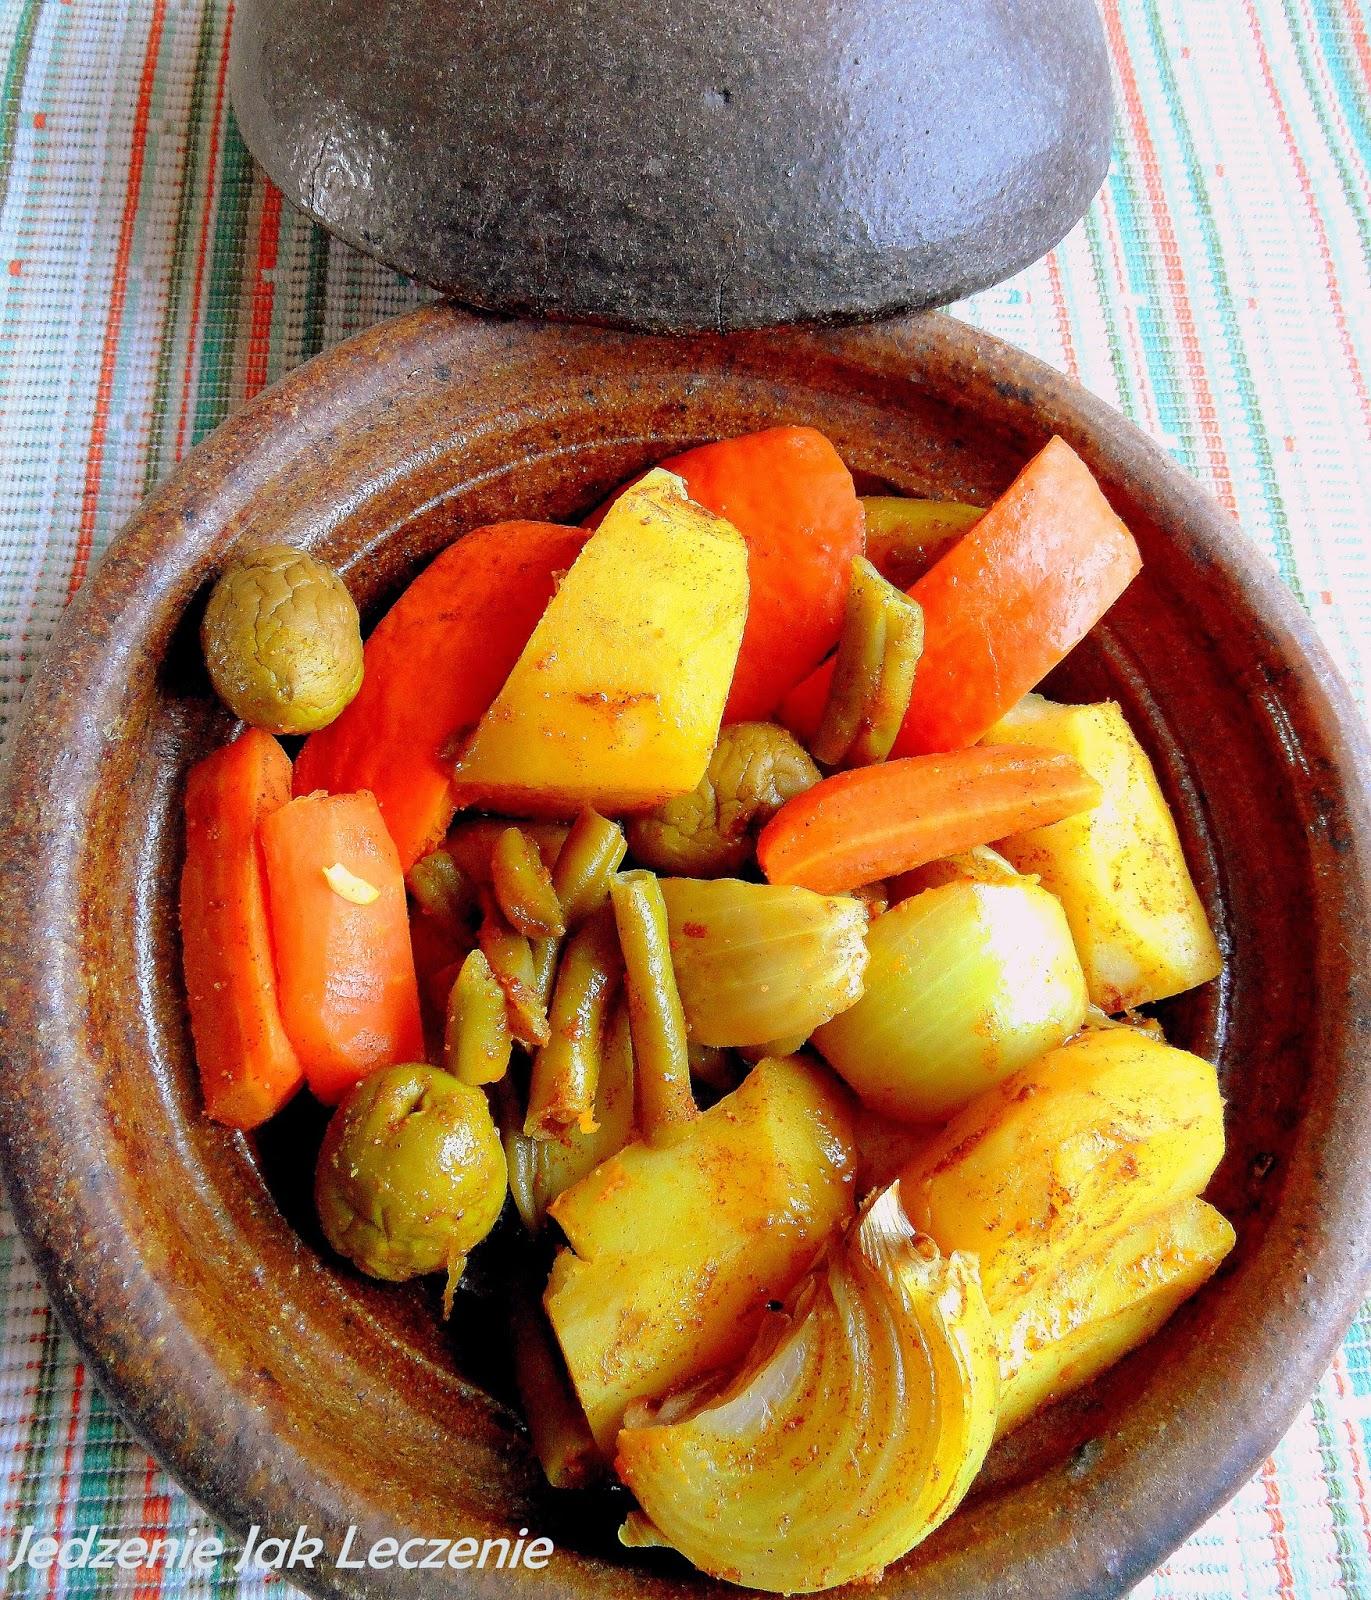 wegański wegetariański obiad pieczona cukinia ziemniaki warzywa z pieca